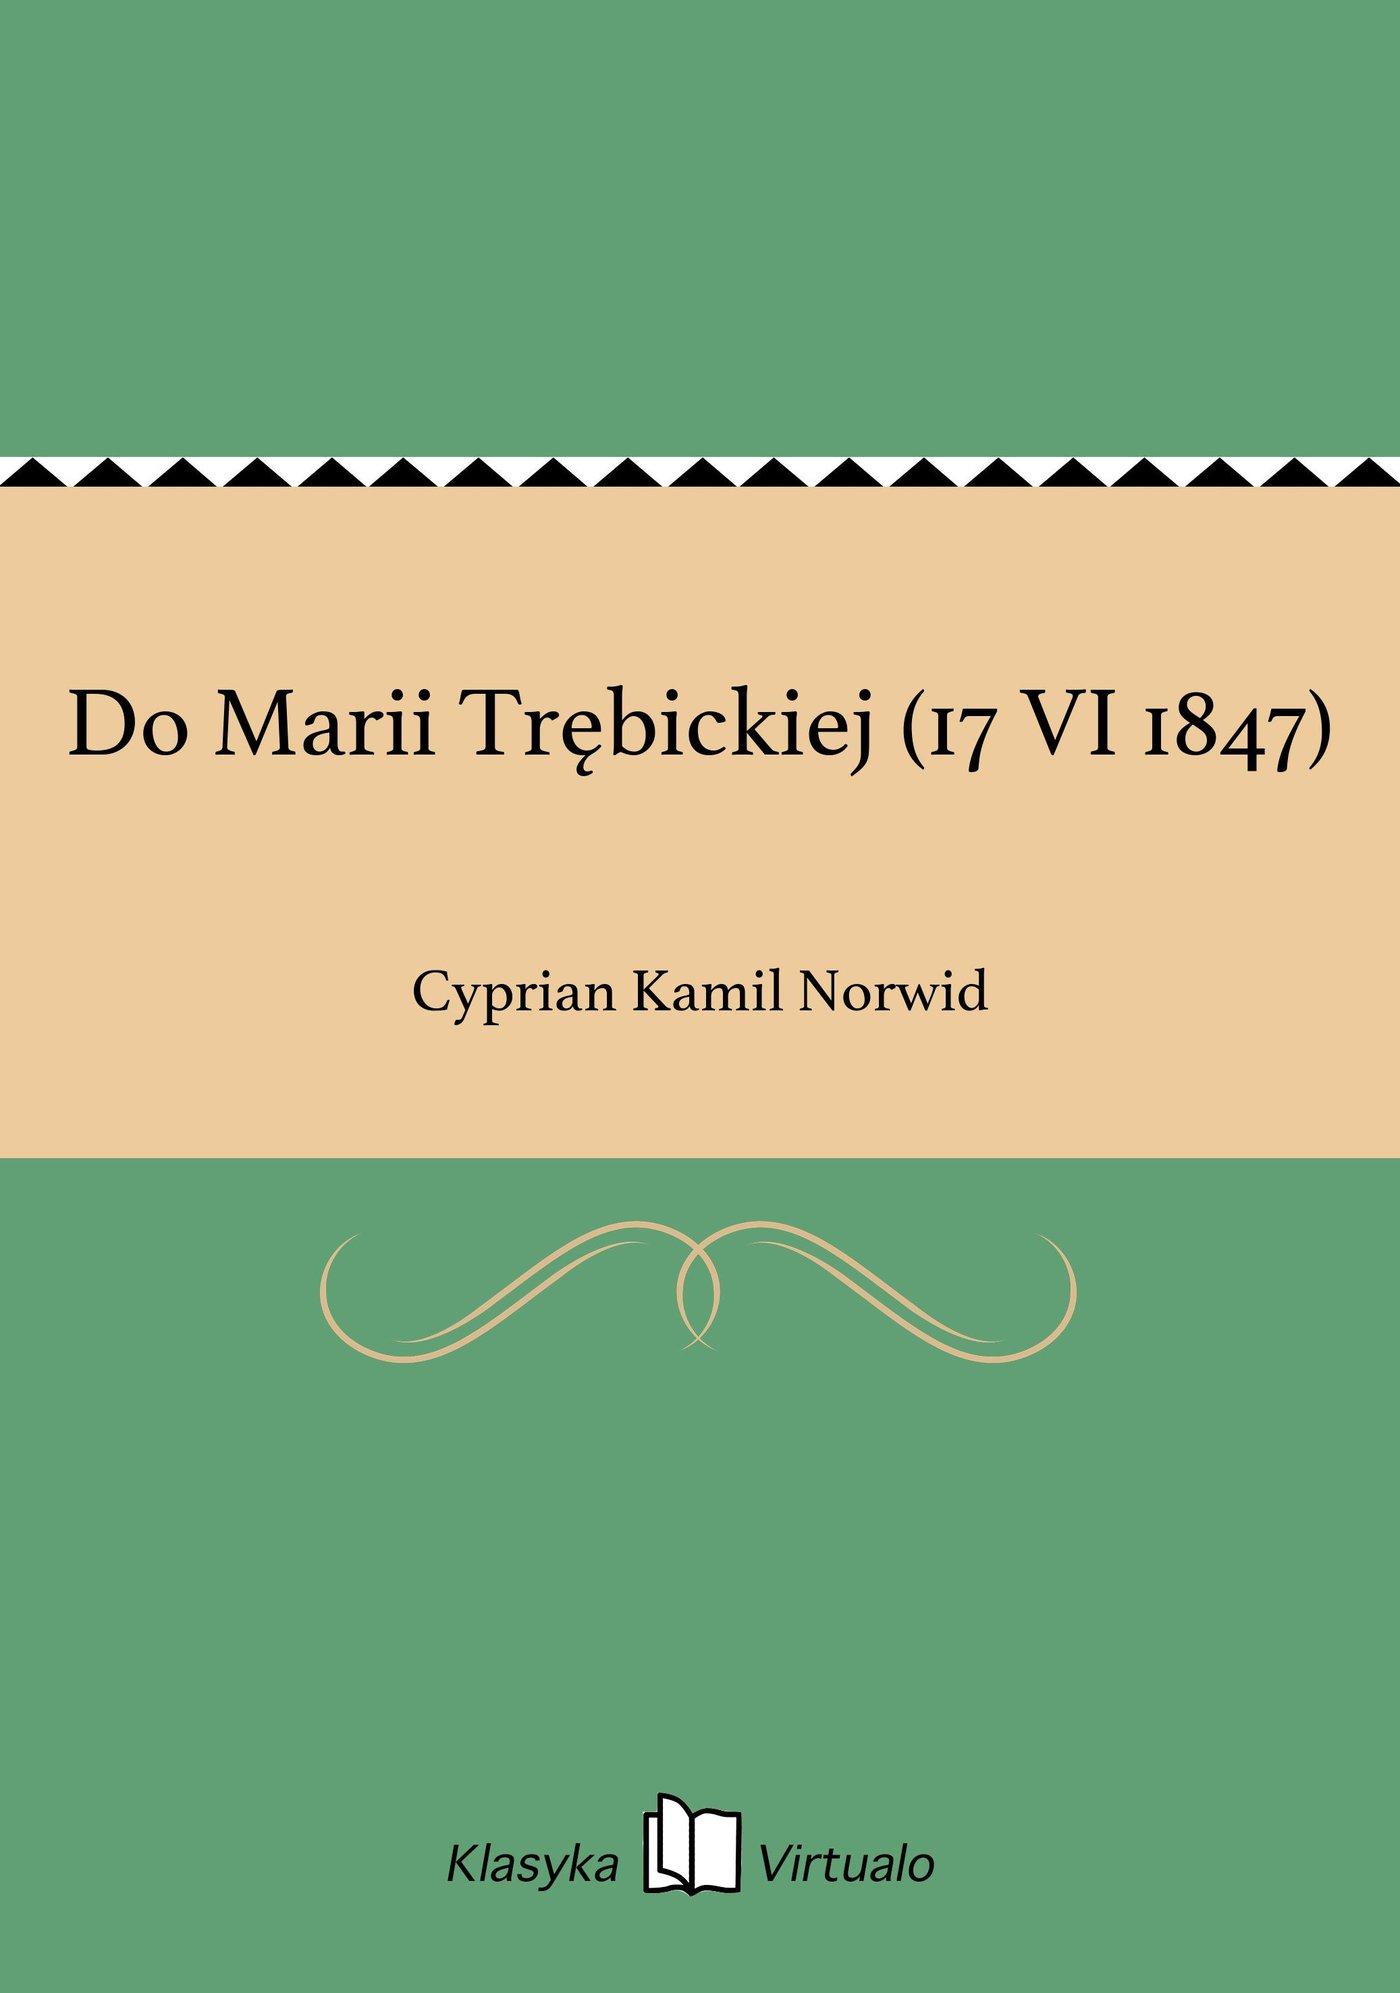 Do Marii Trębickiej (17 VI 1847) - Ebook (Książka EPUB) do pobrania w formacie EPUB